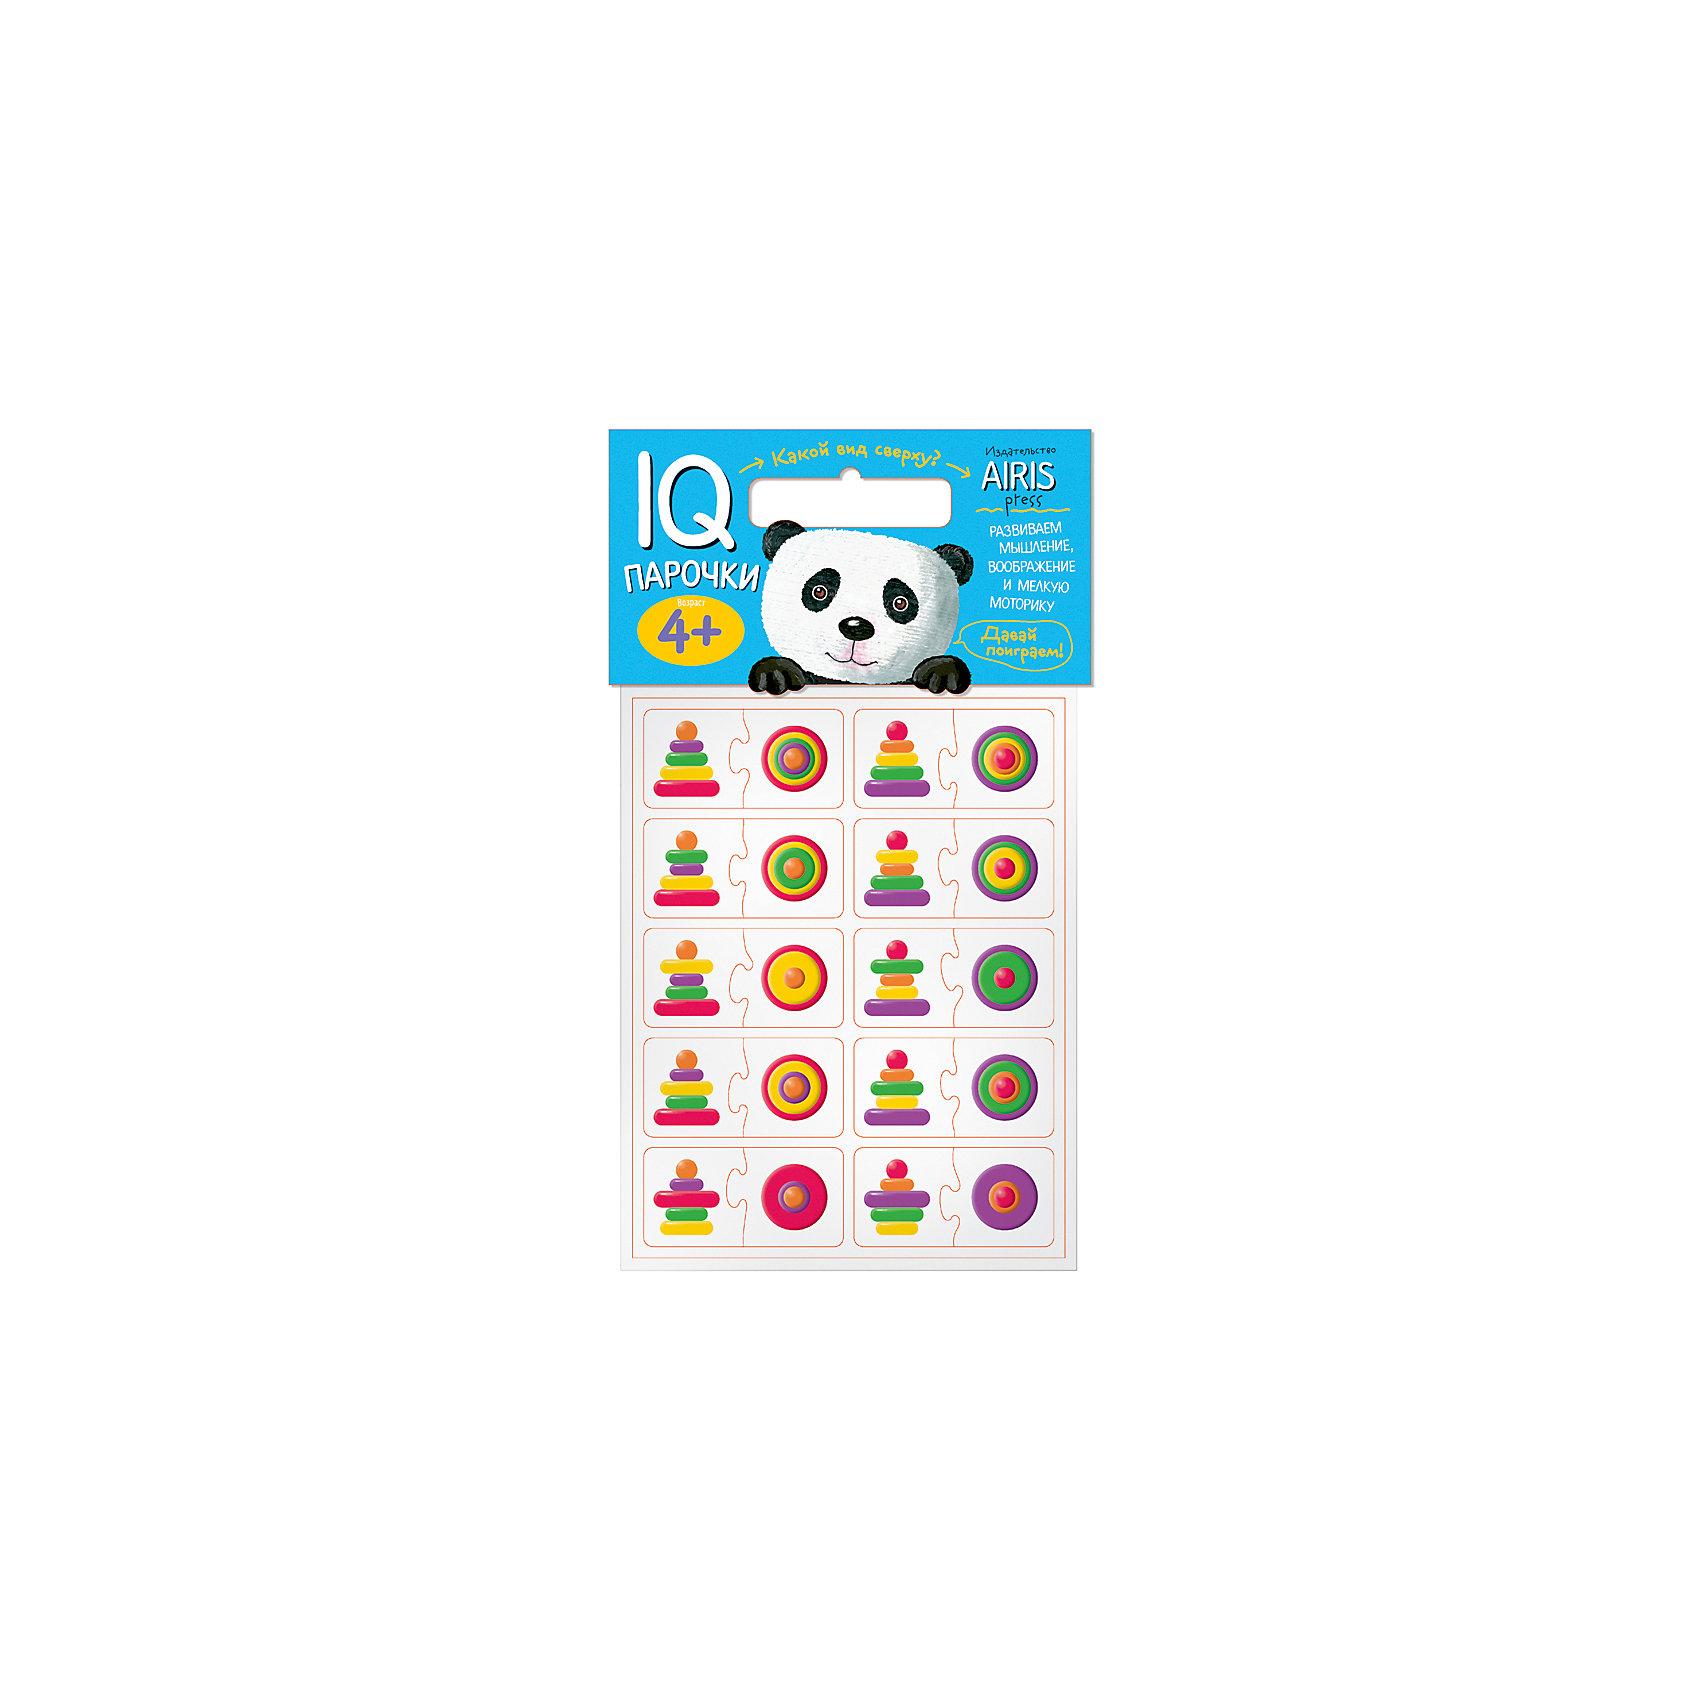 Парочки Какой вид сверху?Книги для развития мышления<br>IQ-Парочки «Какой вид сверху?» – это увлекательная настольная игра для развития пространственного  мышления, воображения и моторики ребёнка. Набор состоит из 40 объёмных карточек, на которых изображены разноцветные пирамидки. Карточки сделаны из мягкого, прочного и безопасного материала EVA. Они удобно ложатся в детскую ручку и отлично подходят для познавательных игр.&#13;<br>Цель игры: составить пару пирамидка — её вид сверху. Карточки снабжены пазловыми замками для того, чтобы ребёнок мог самостоятельно оценить правильность выполнения заданий.&#13;<br>На упаковке набора даётся описание, как играть с мягкими карточками.&#13;<br>Предназначен для детей от 4 лет.<br><br>Ширина мм: 20<br>Глубина мм: 175<br>Высота мм: 225<br>Вес г: 66<br>Возраст от месяцев: 48<br>Возраст до месяцев: 72<br>Пол: Унисекс<br>Возраст: Детский<br>SKU: 6849525